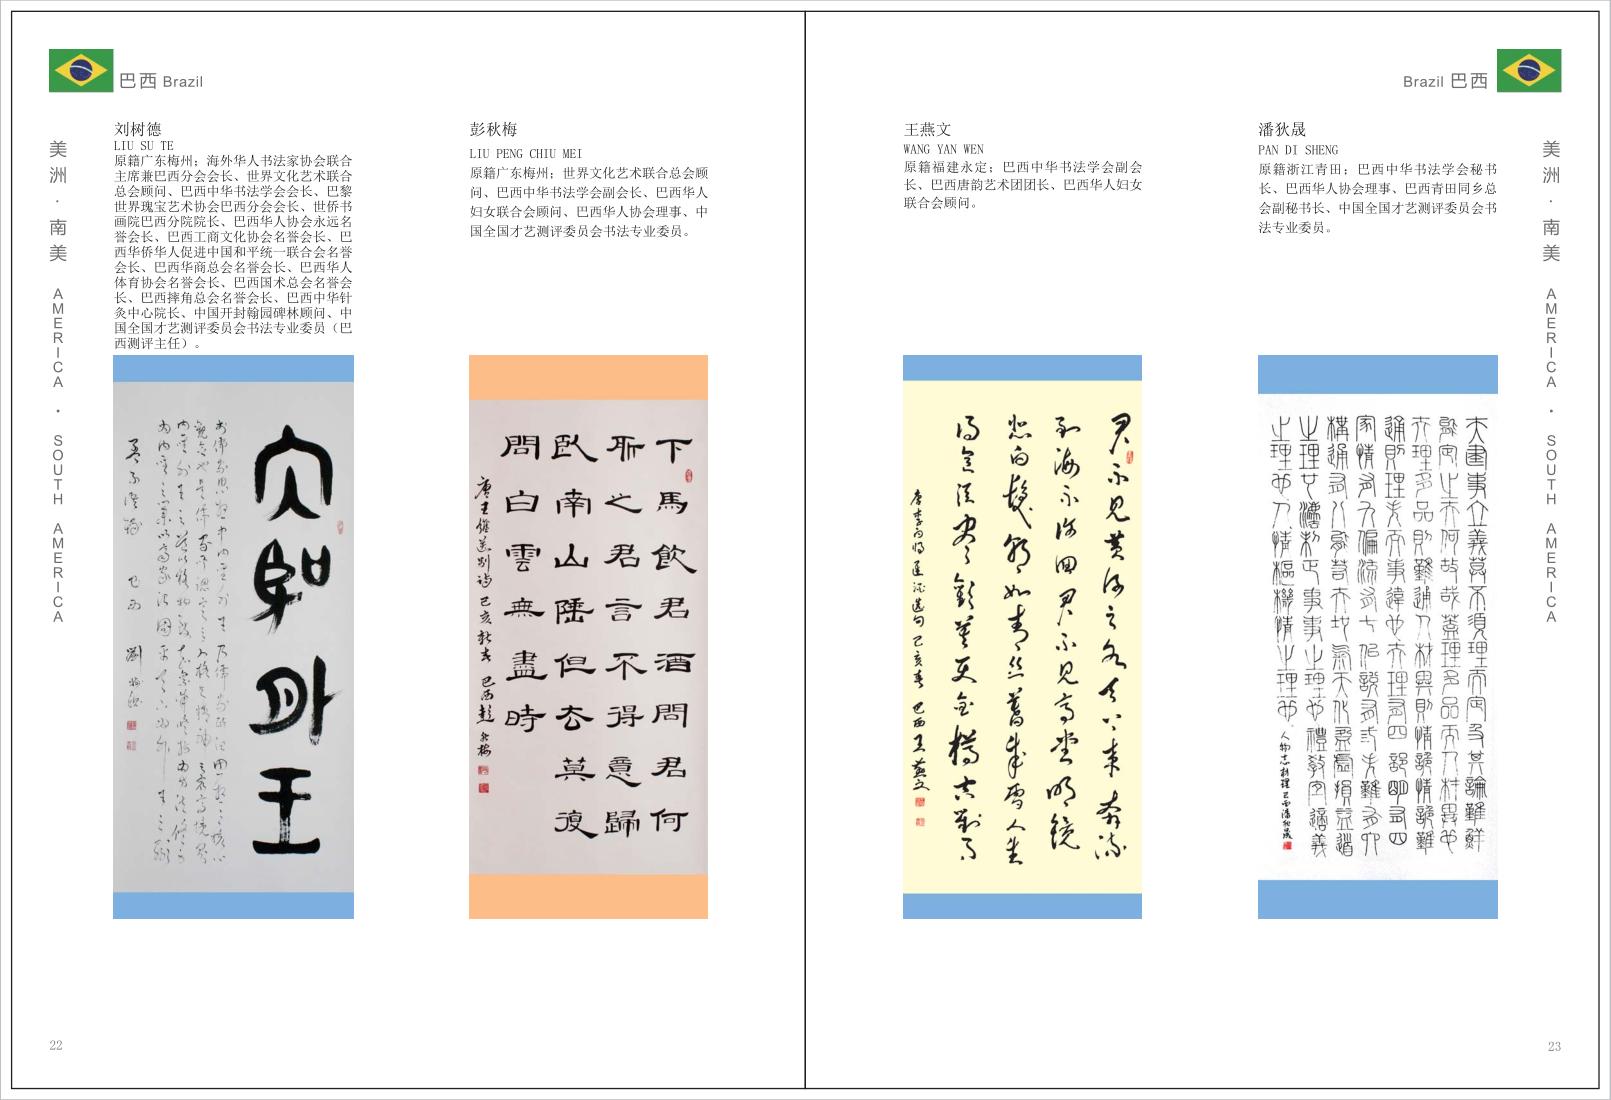 191页2_13.png